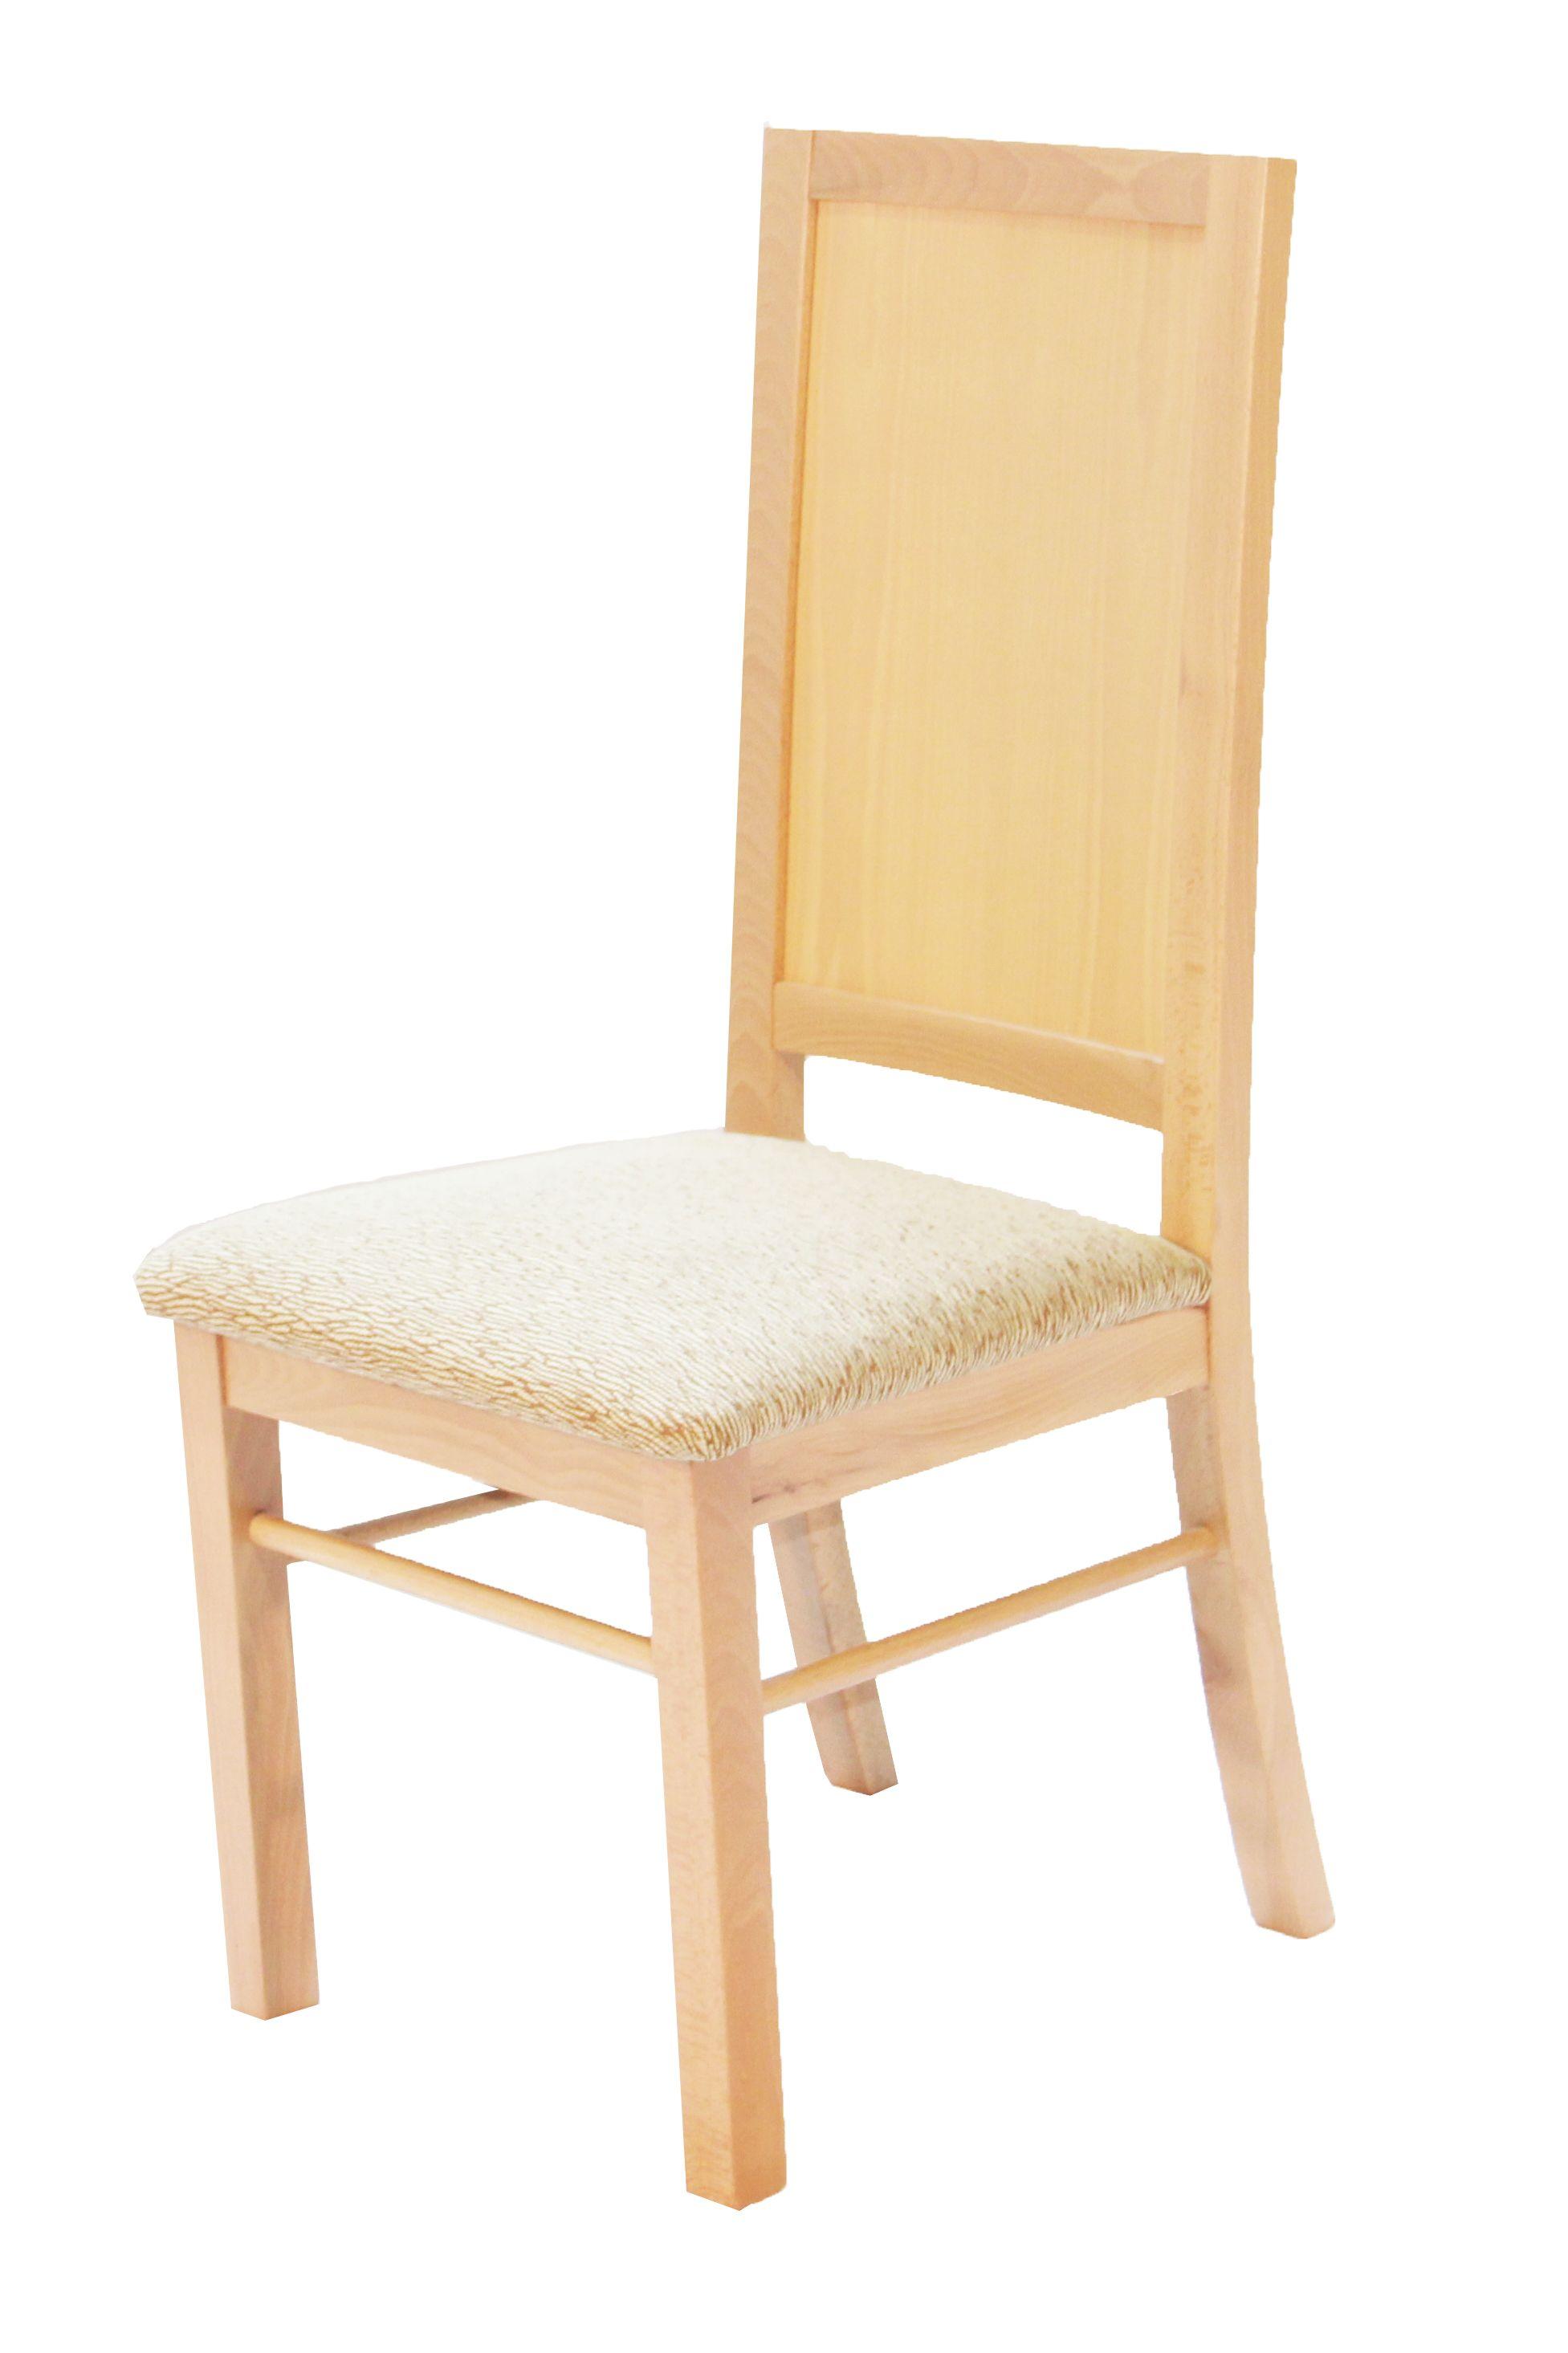 Silla comedor, fabricada en madera con asiento tapizado | Sillas ...